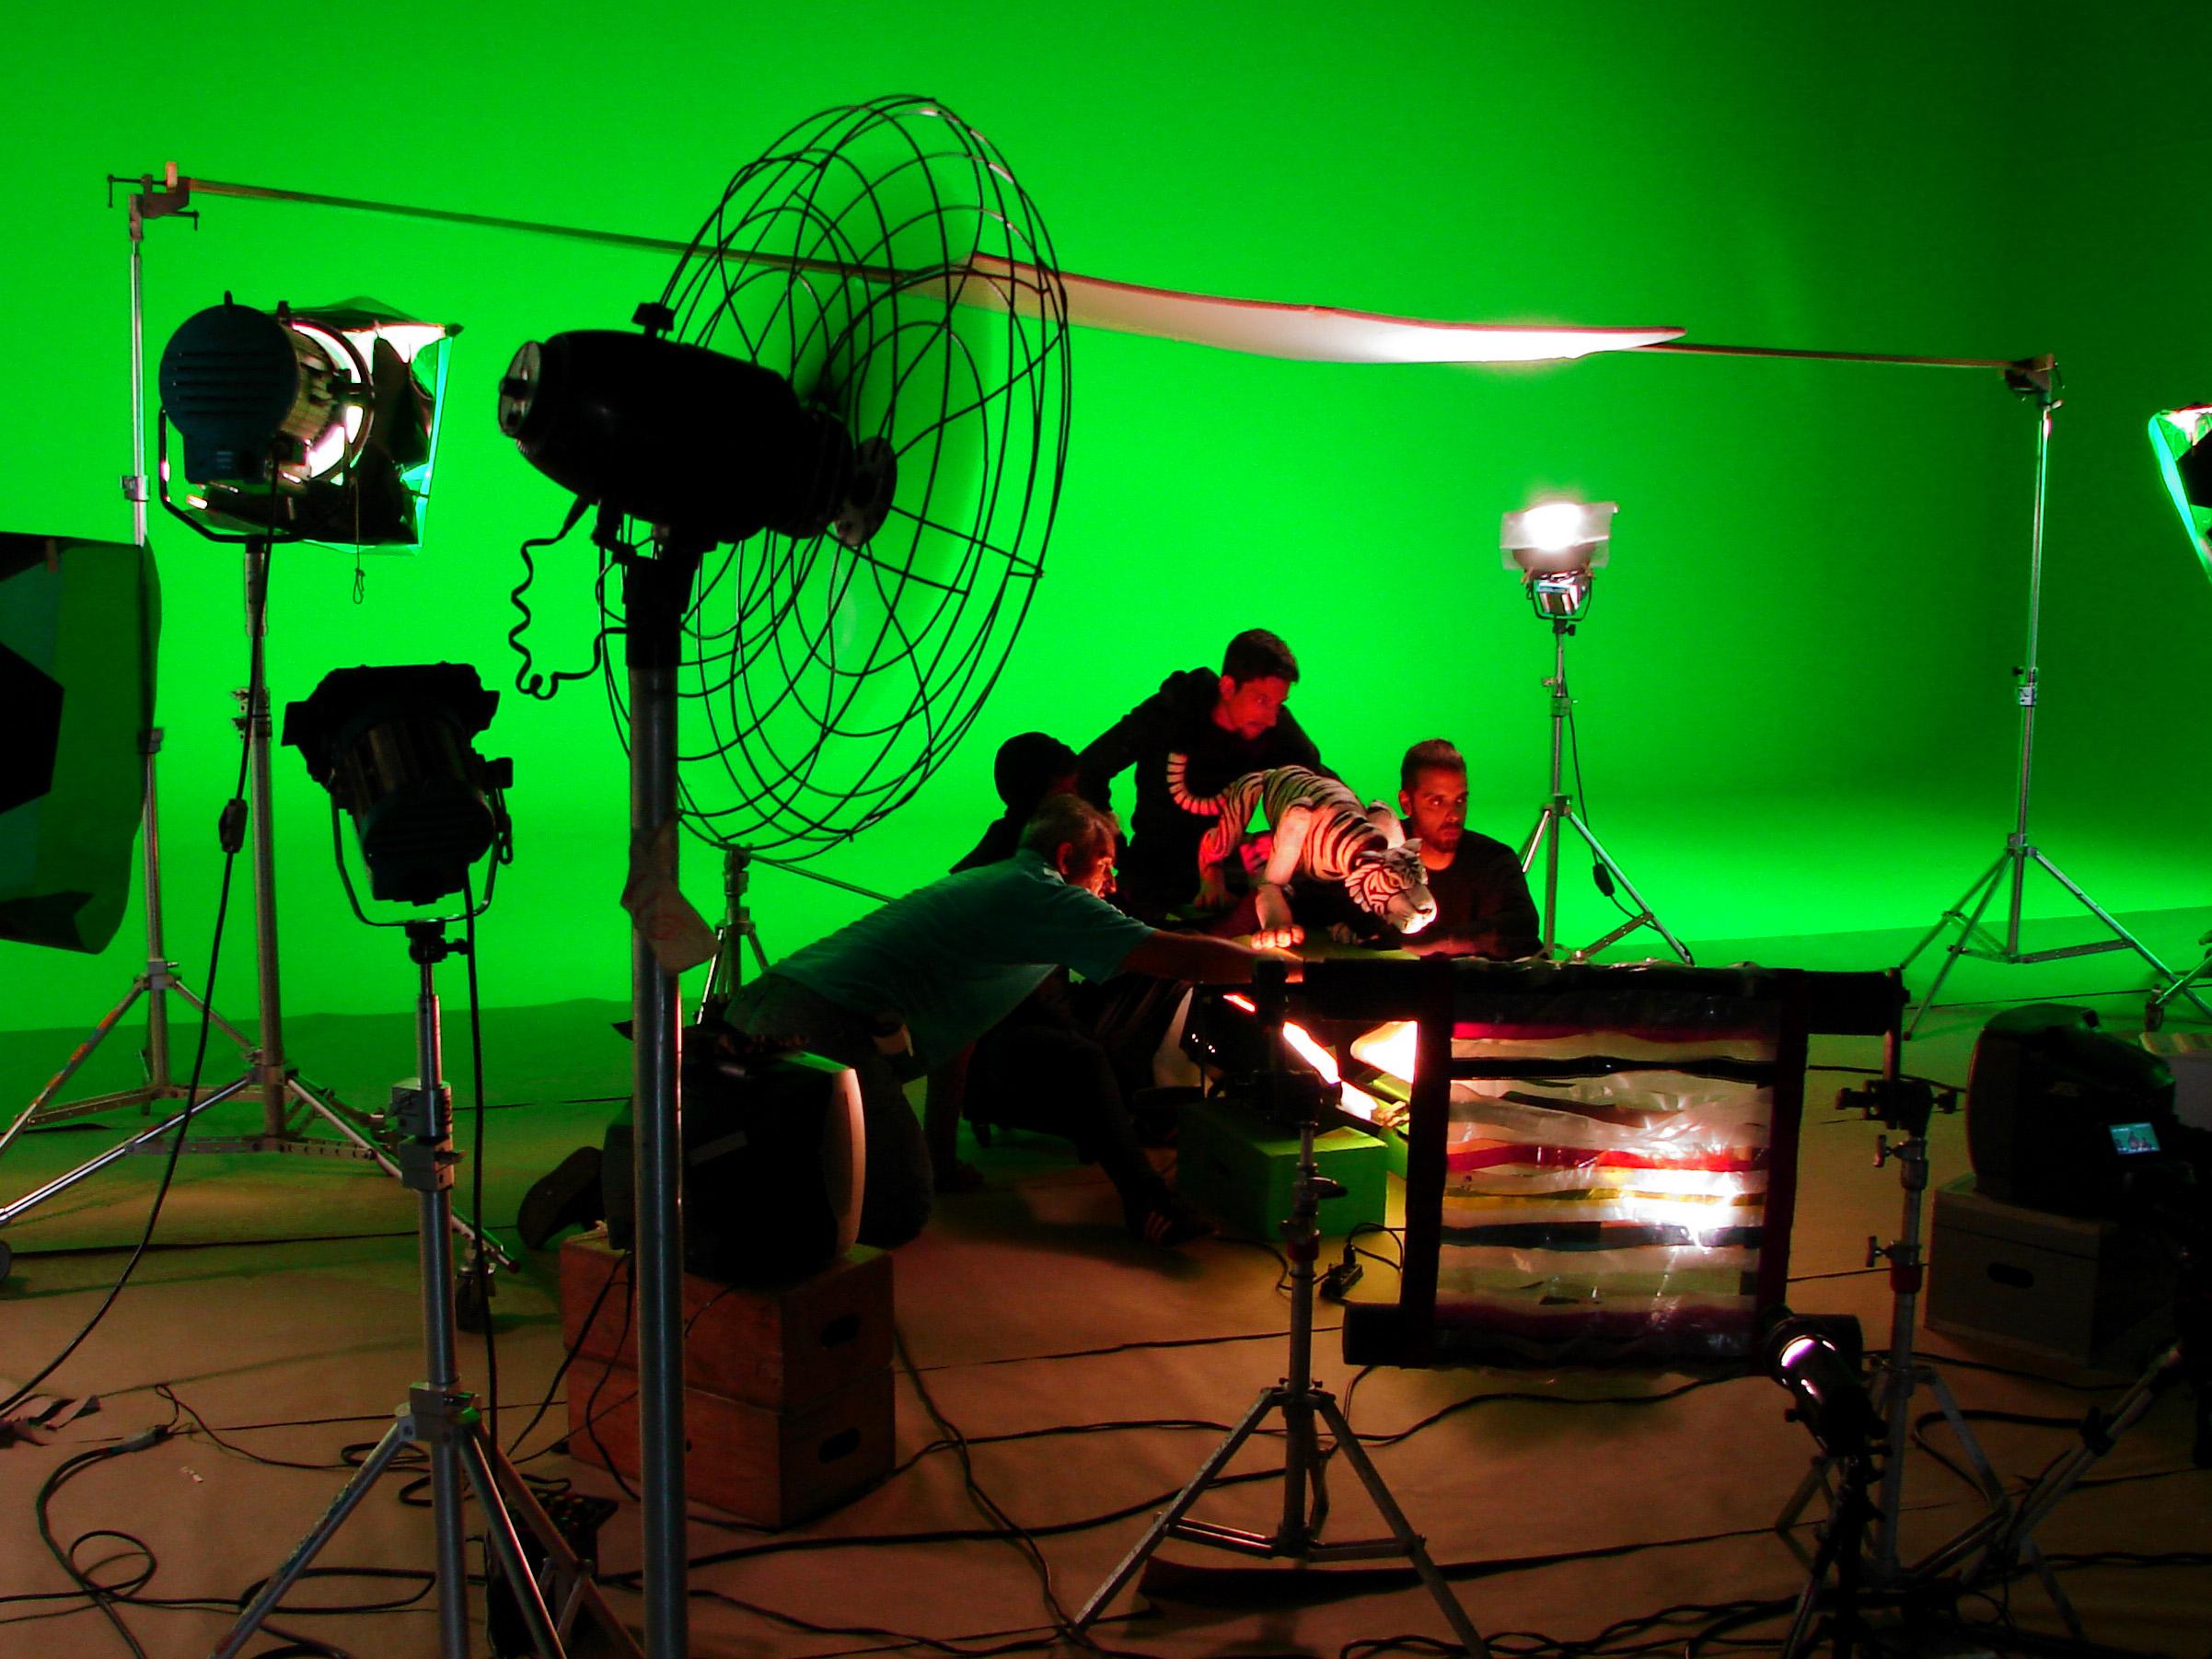 studio_in_action01.jpg